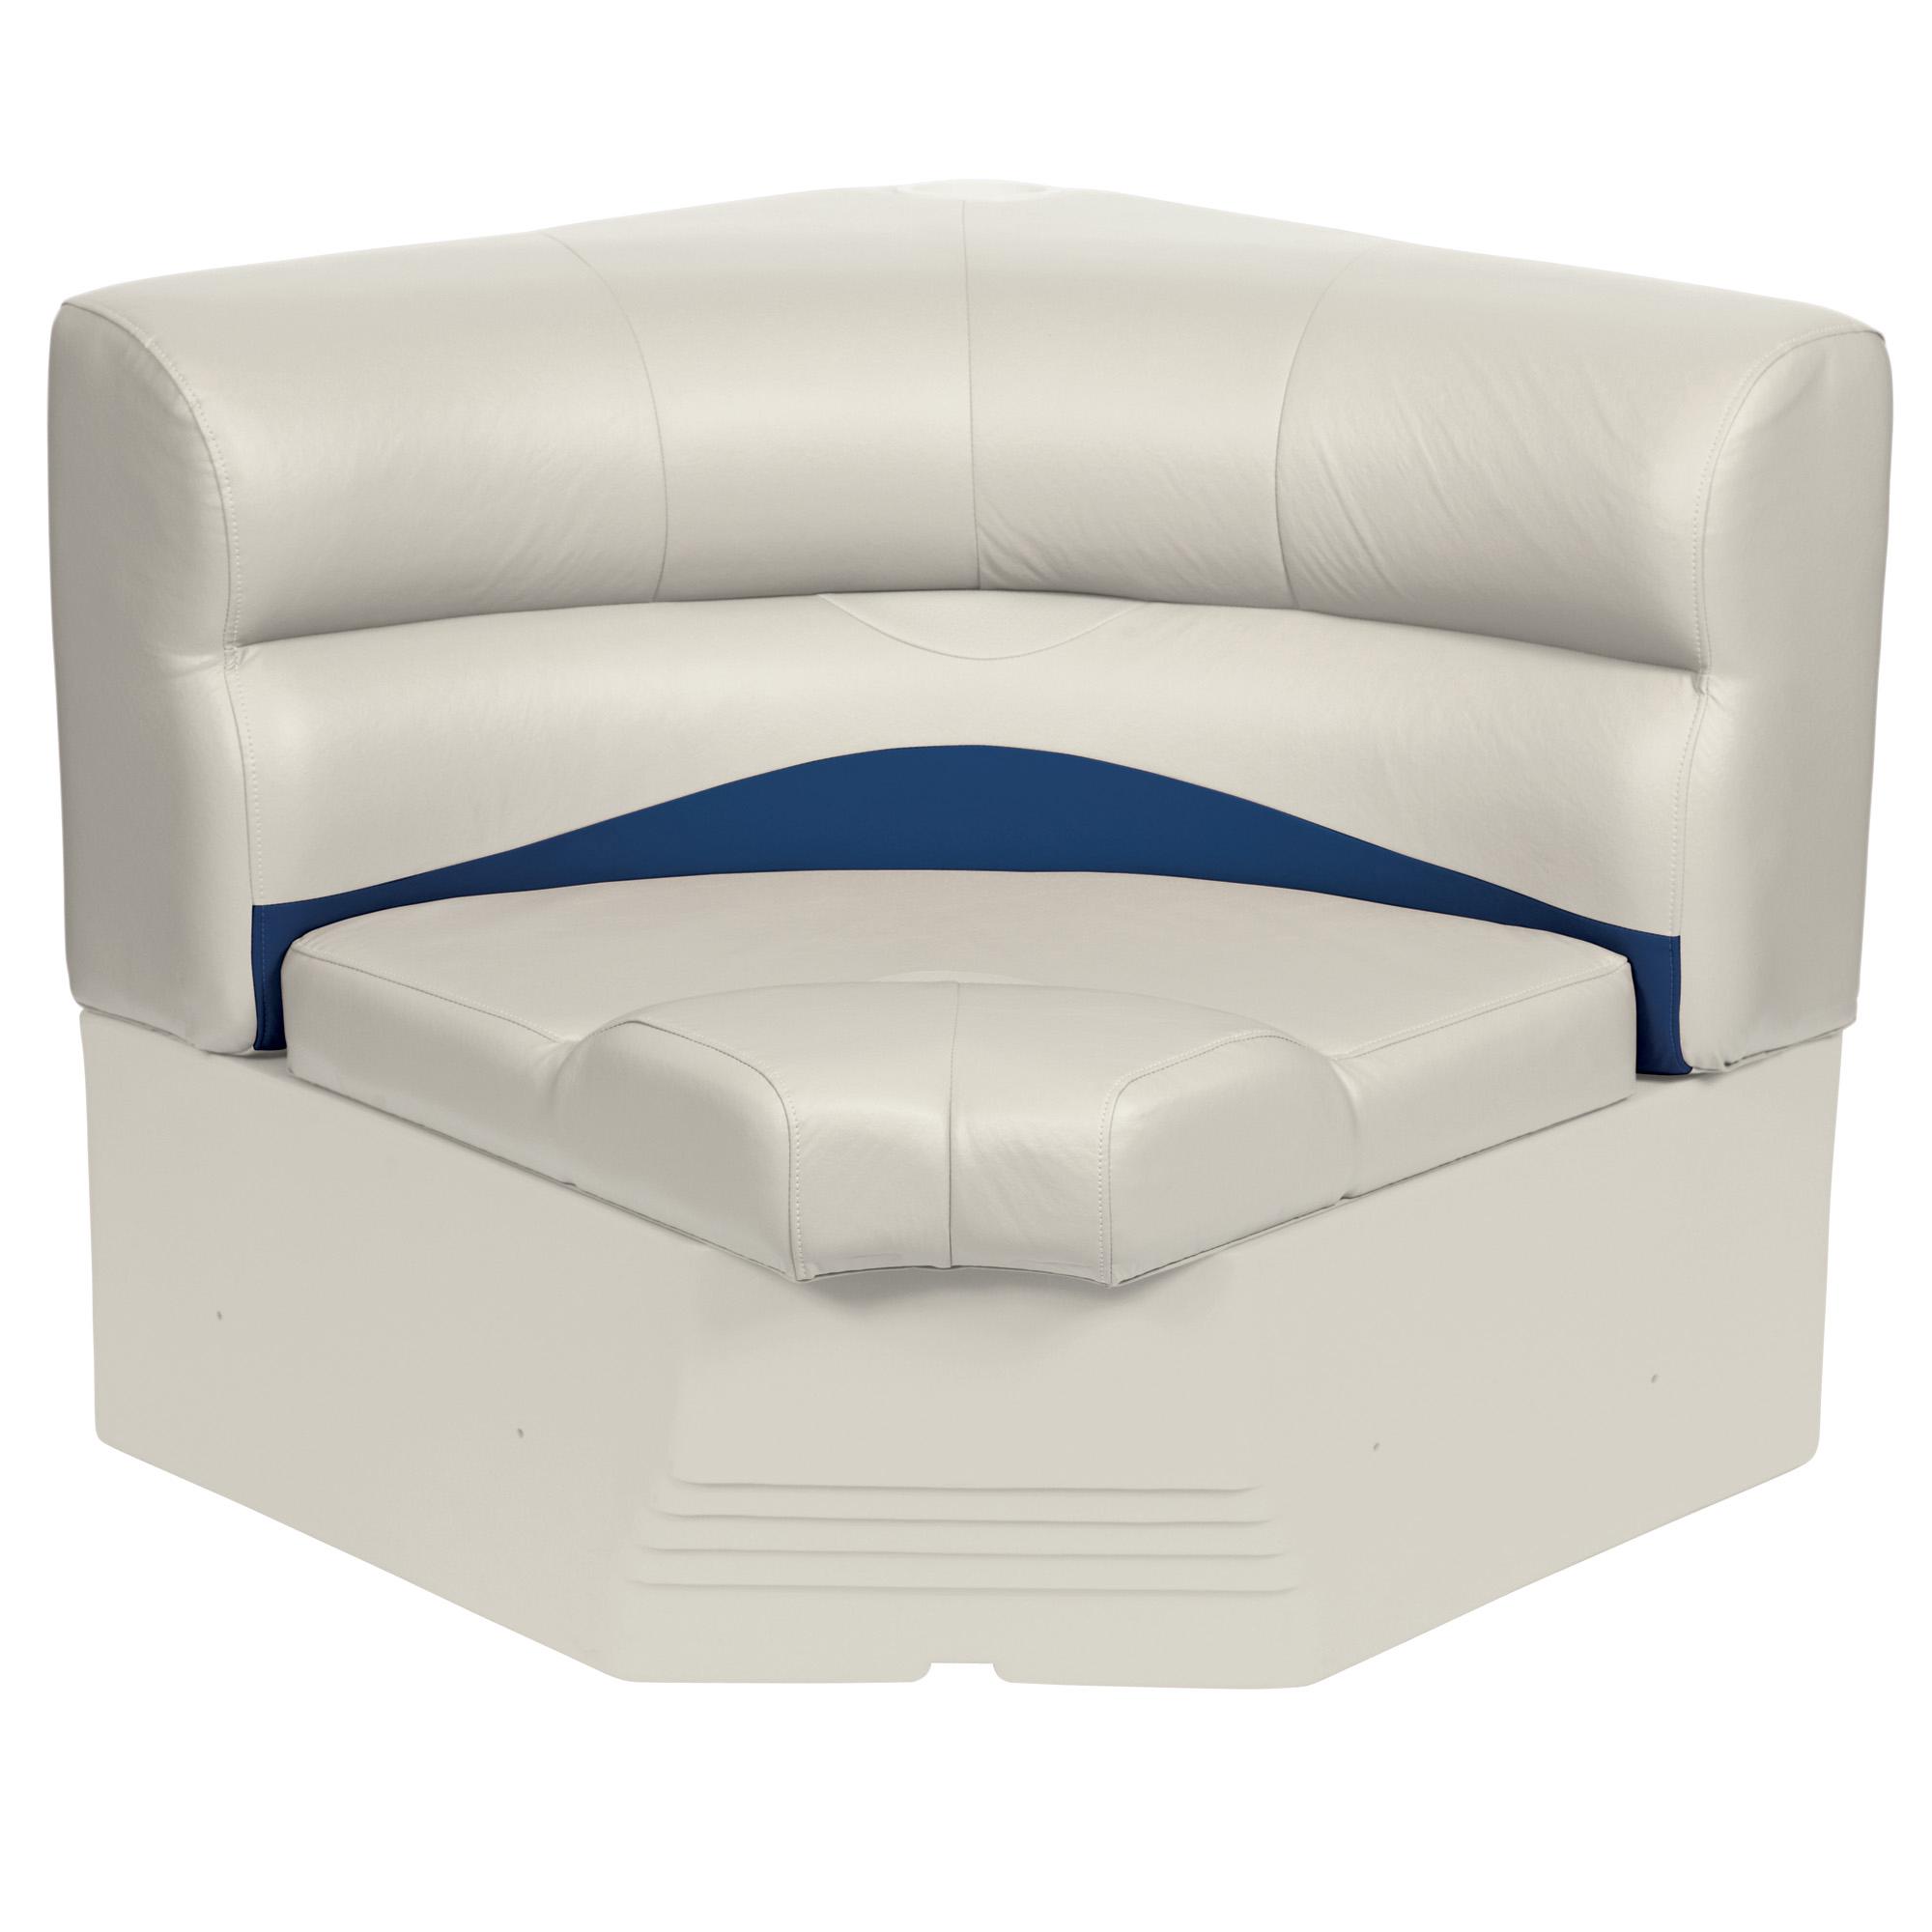 """Toonmate 32"""" Premium Pontoon Radius Corner Section Seat, Platinum Base"""